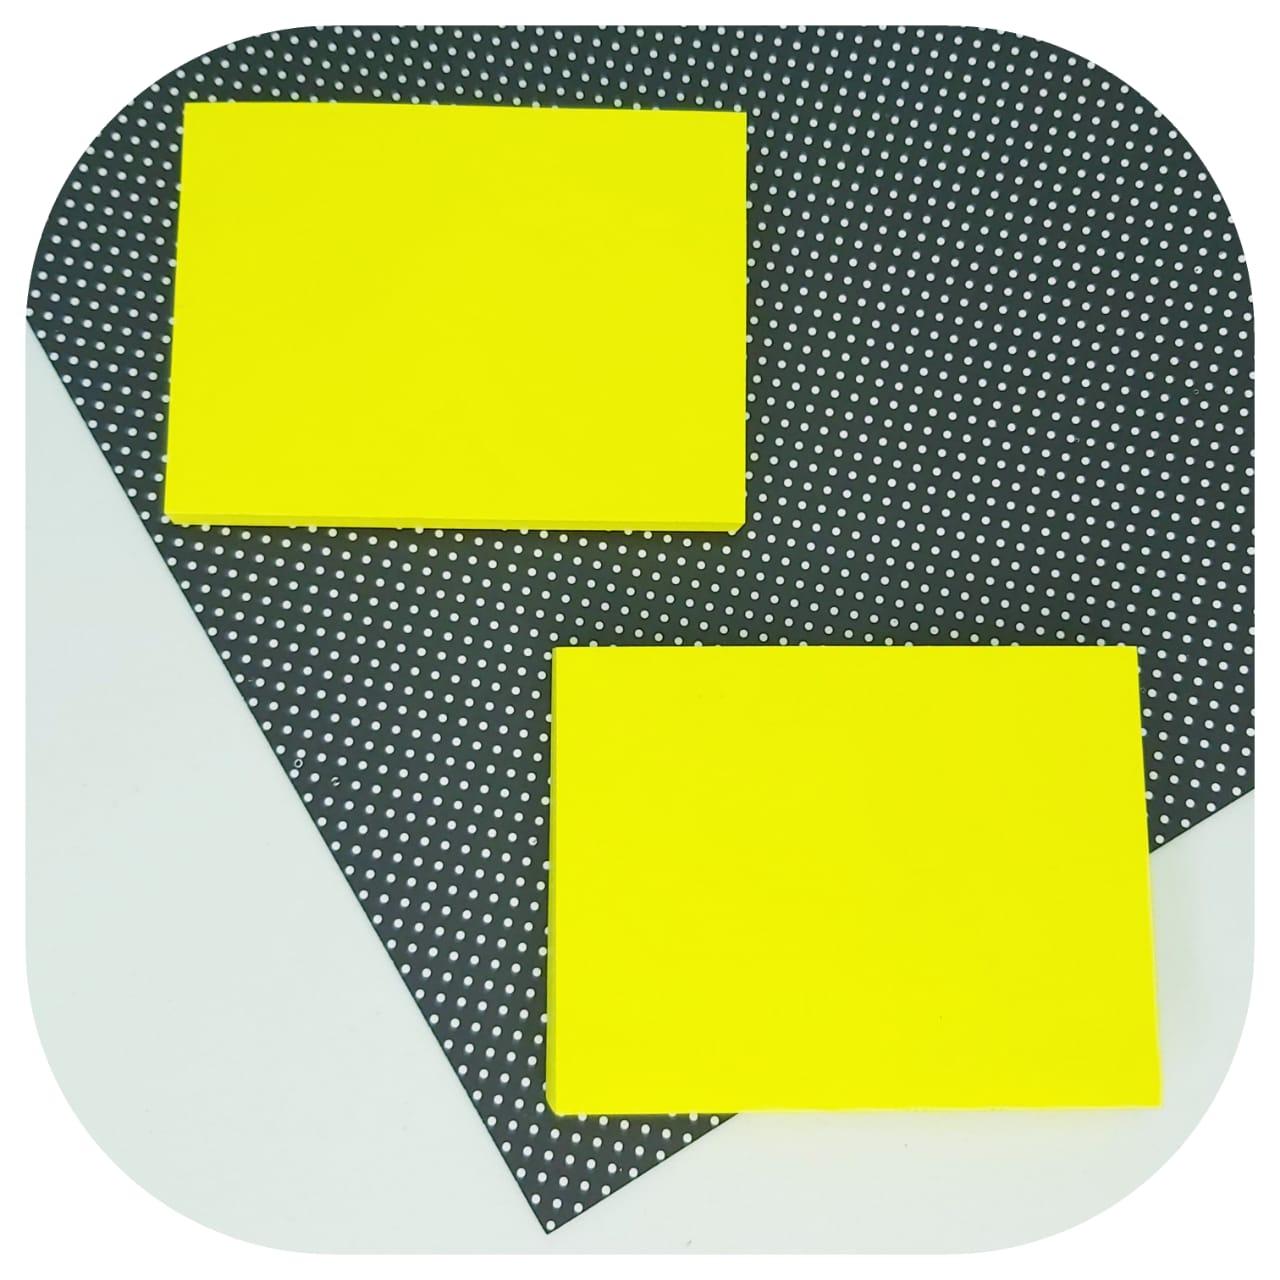 Bloco de Anotações - 76x102mm - Amarelo Neon - BRW